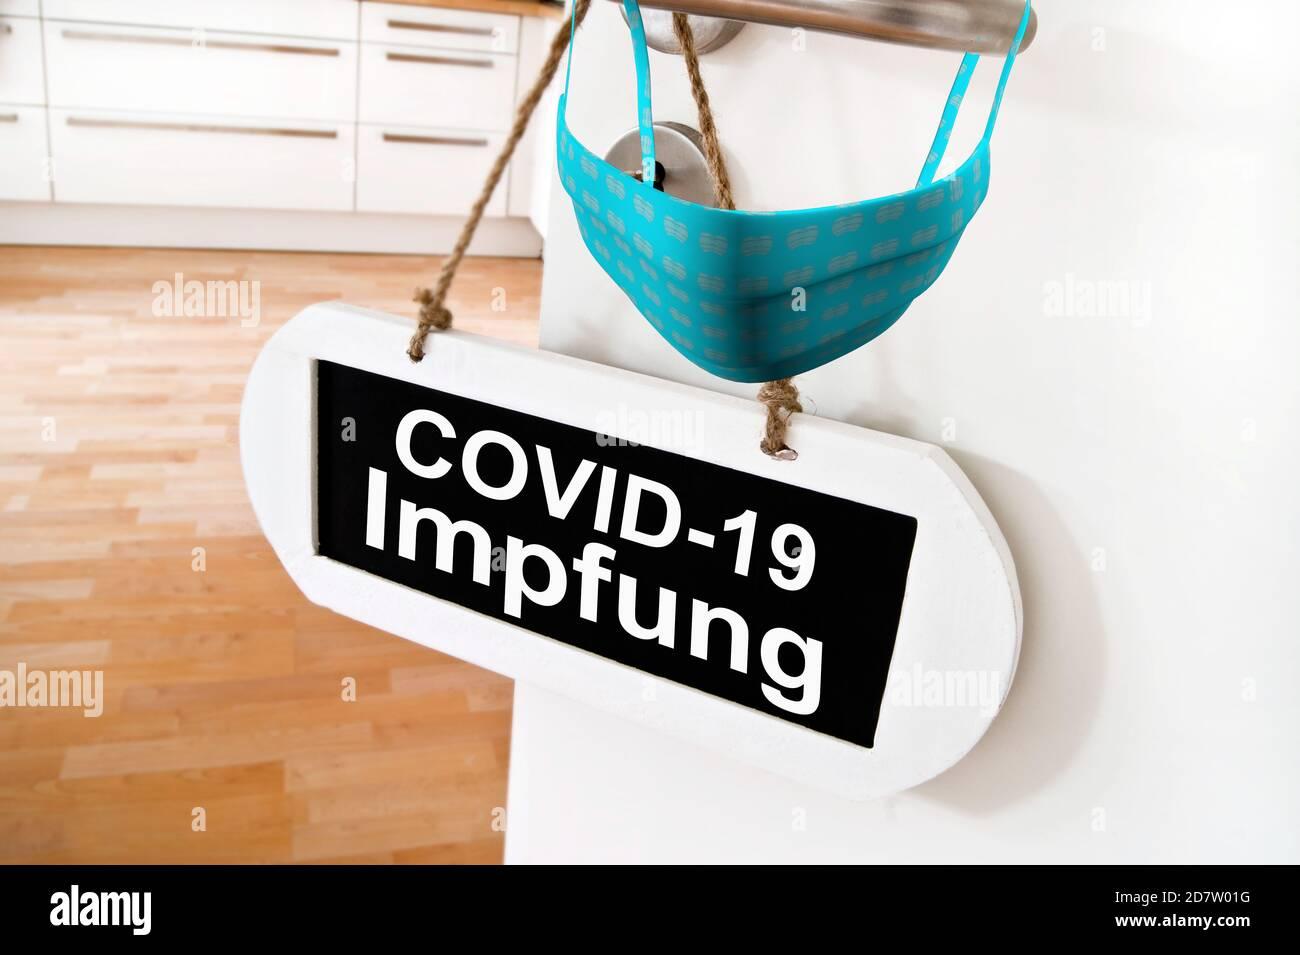 Corona Virus Covid 19 Impfung  Konzept Tür mit Schild und Maske Stock Photo